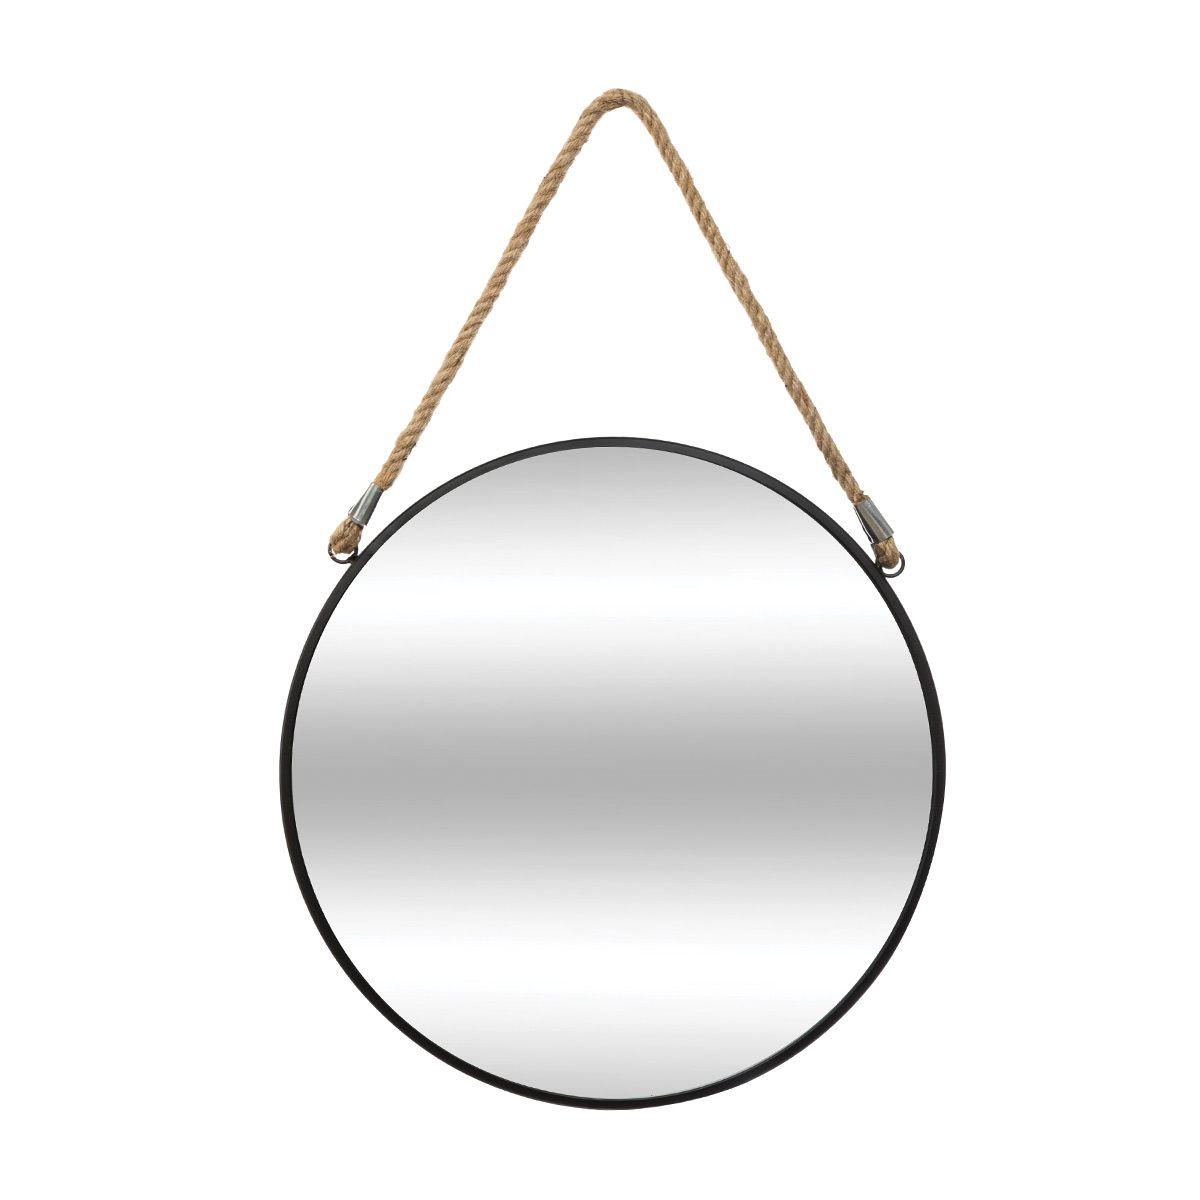 miroir rond metal noir sur corde